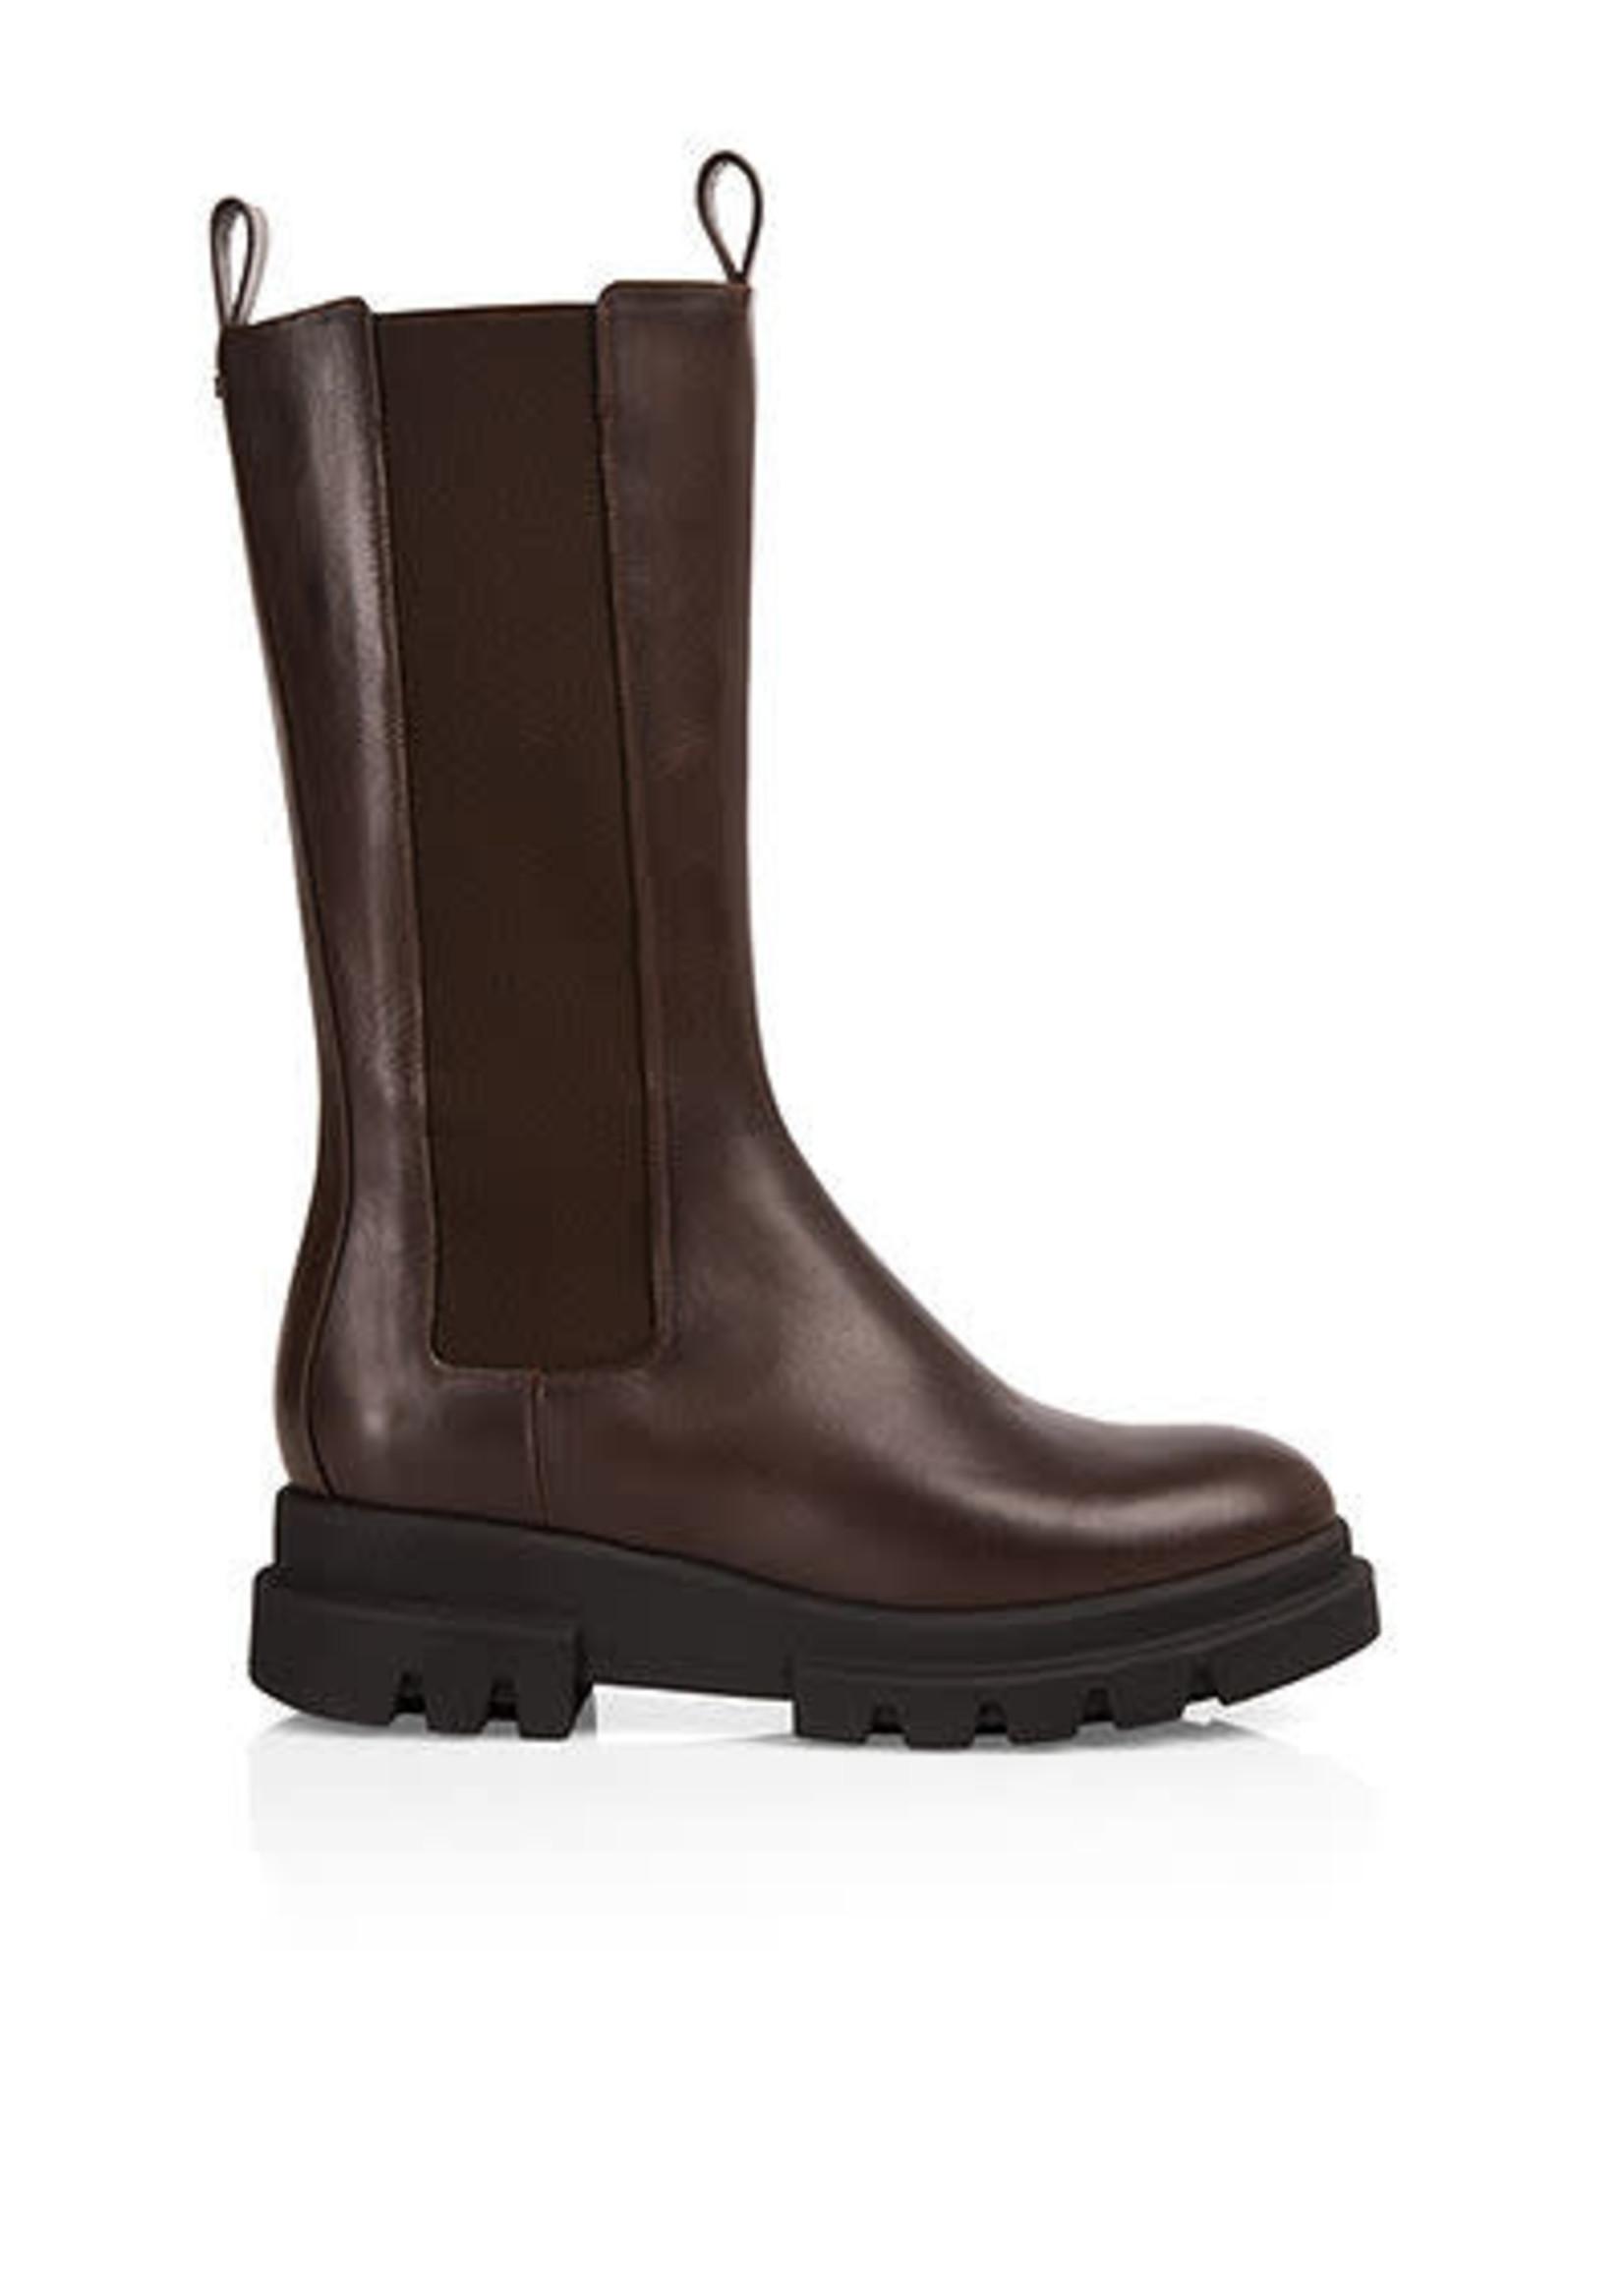 Marccain Bags & Shoes Enkel Laars RB SB.30 L26 moro